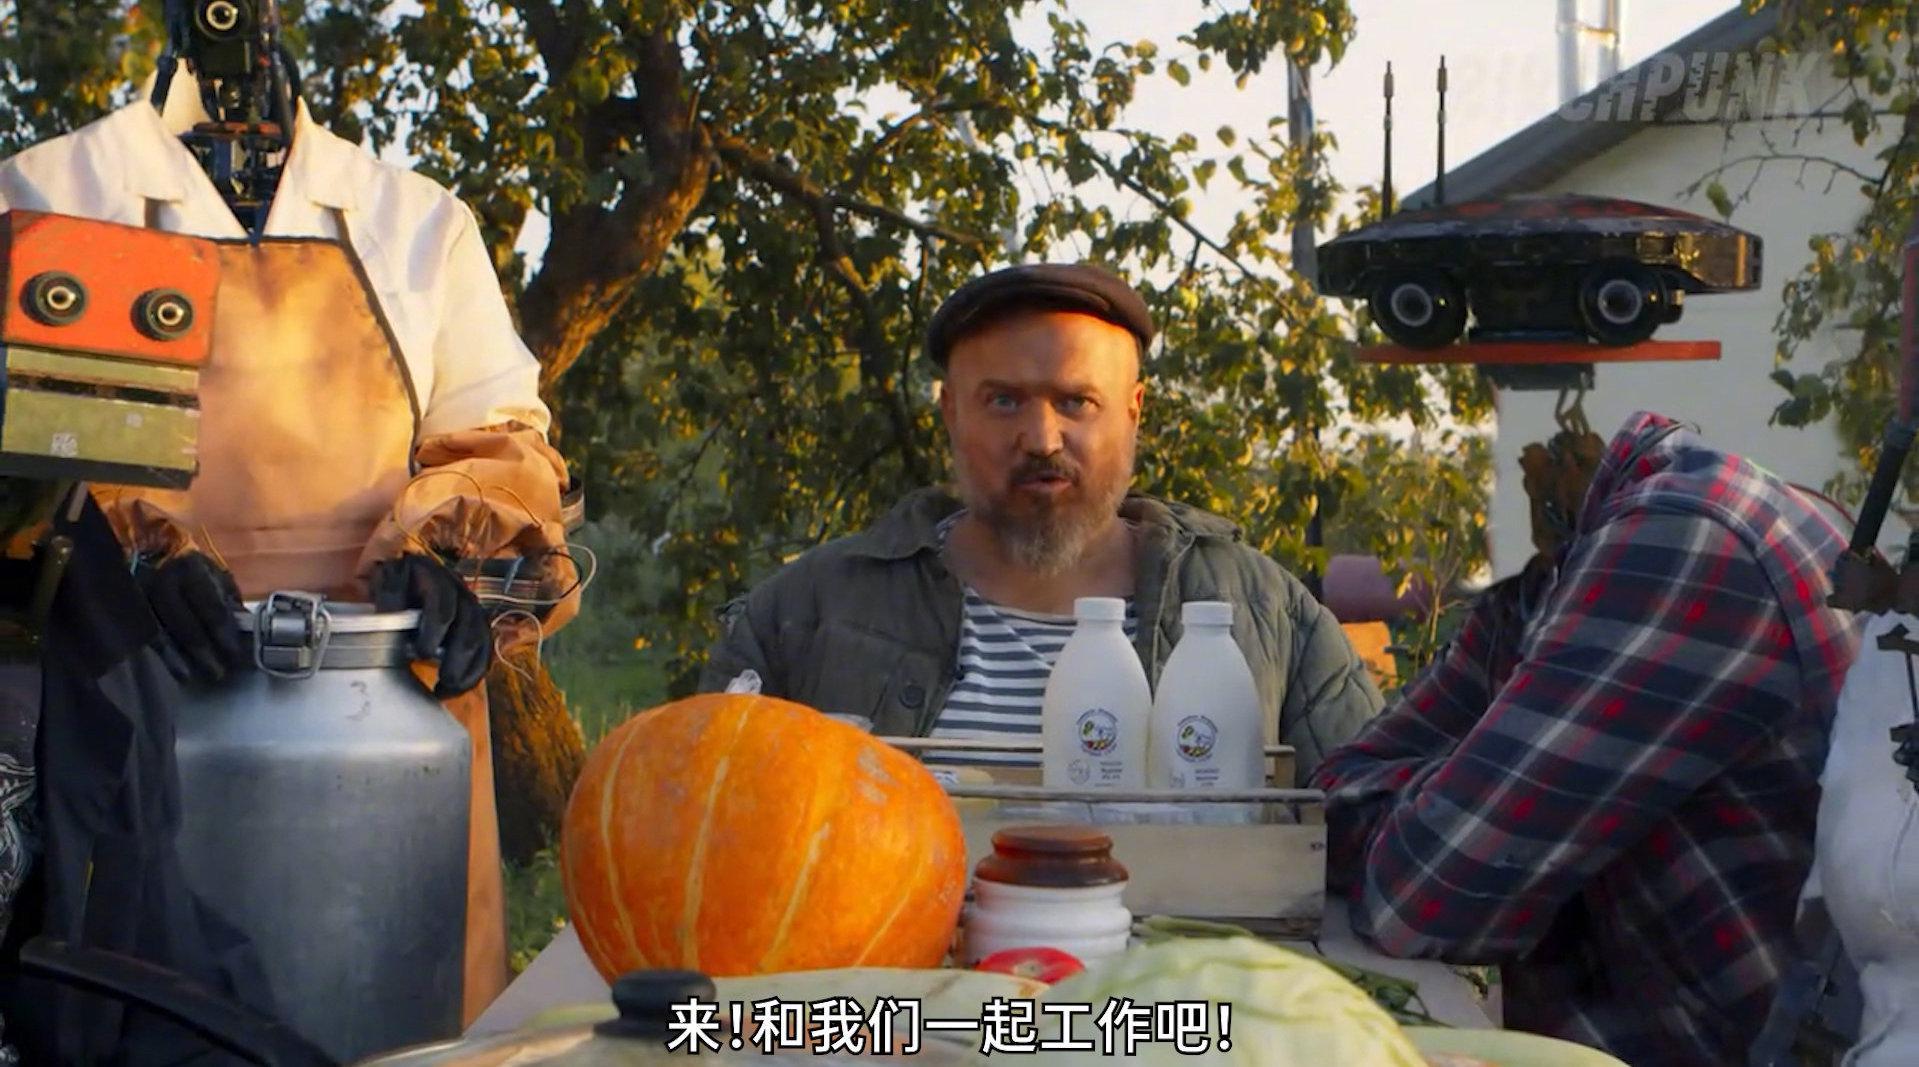 俄罗斯科幻短片《赛博朋克农场》……